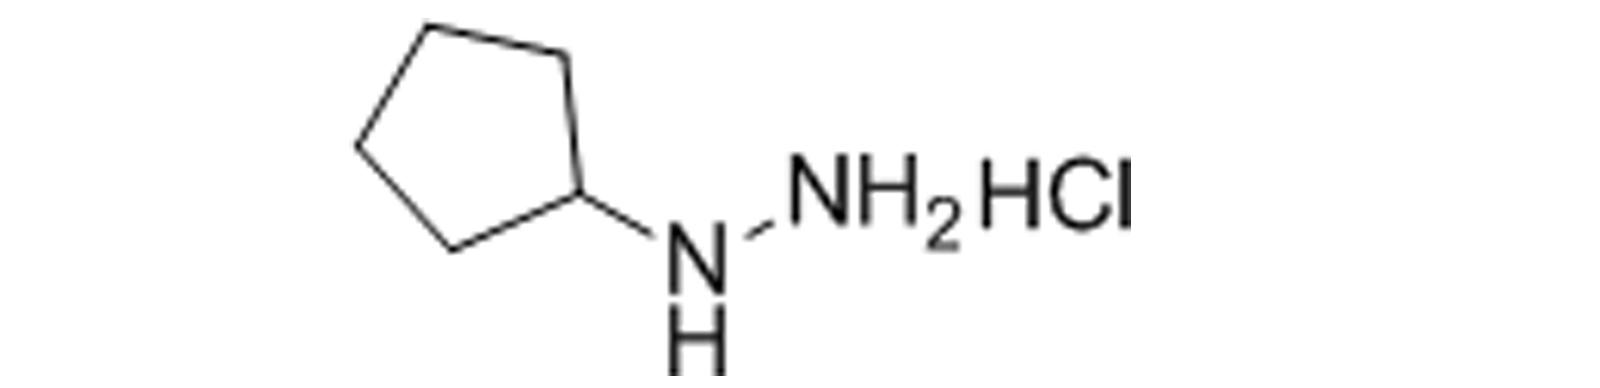 杭州环戊基肼盐酸盐直供,环戊基肼盐酸盐